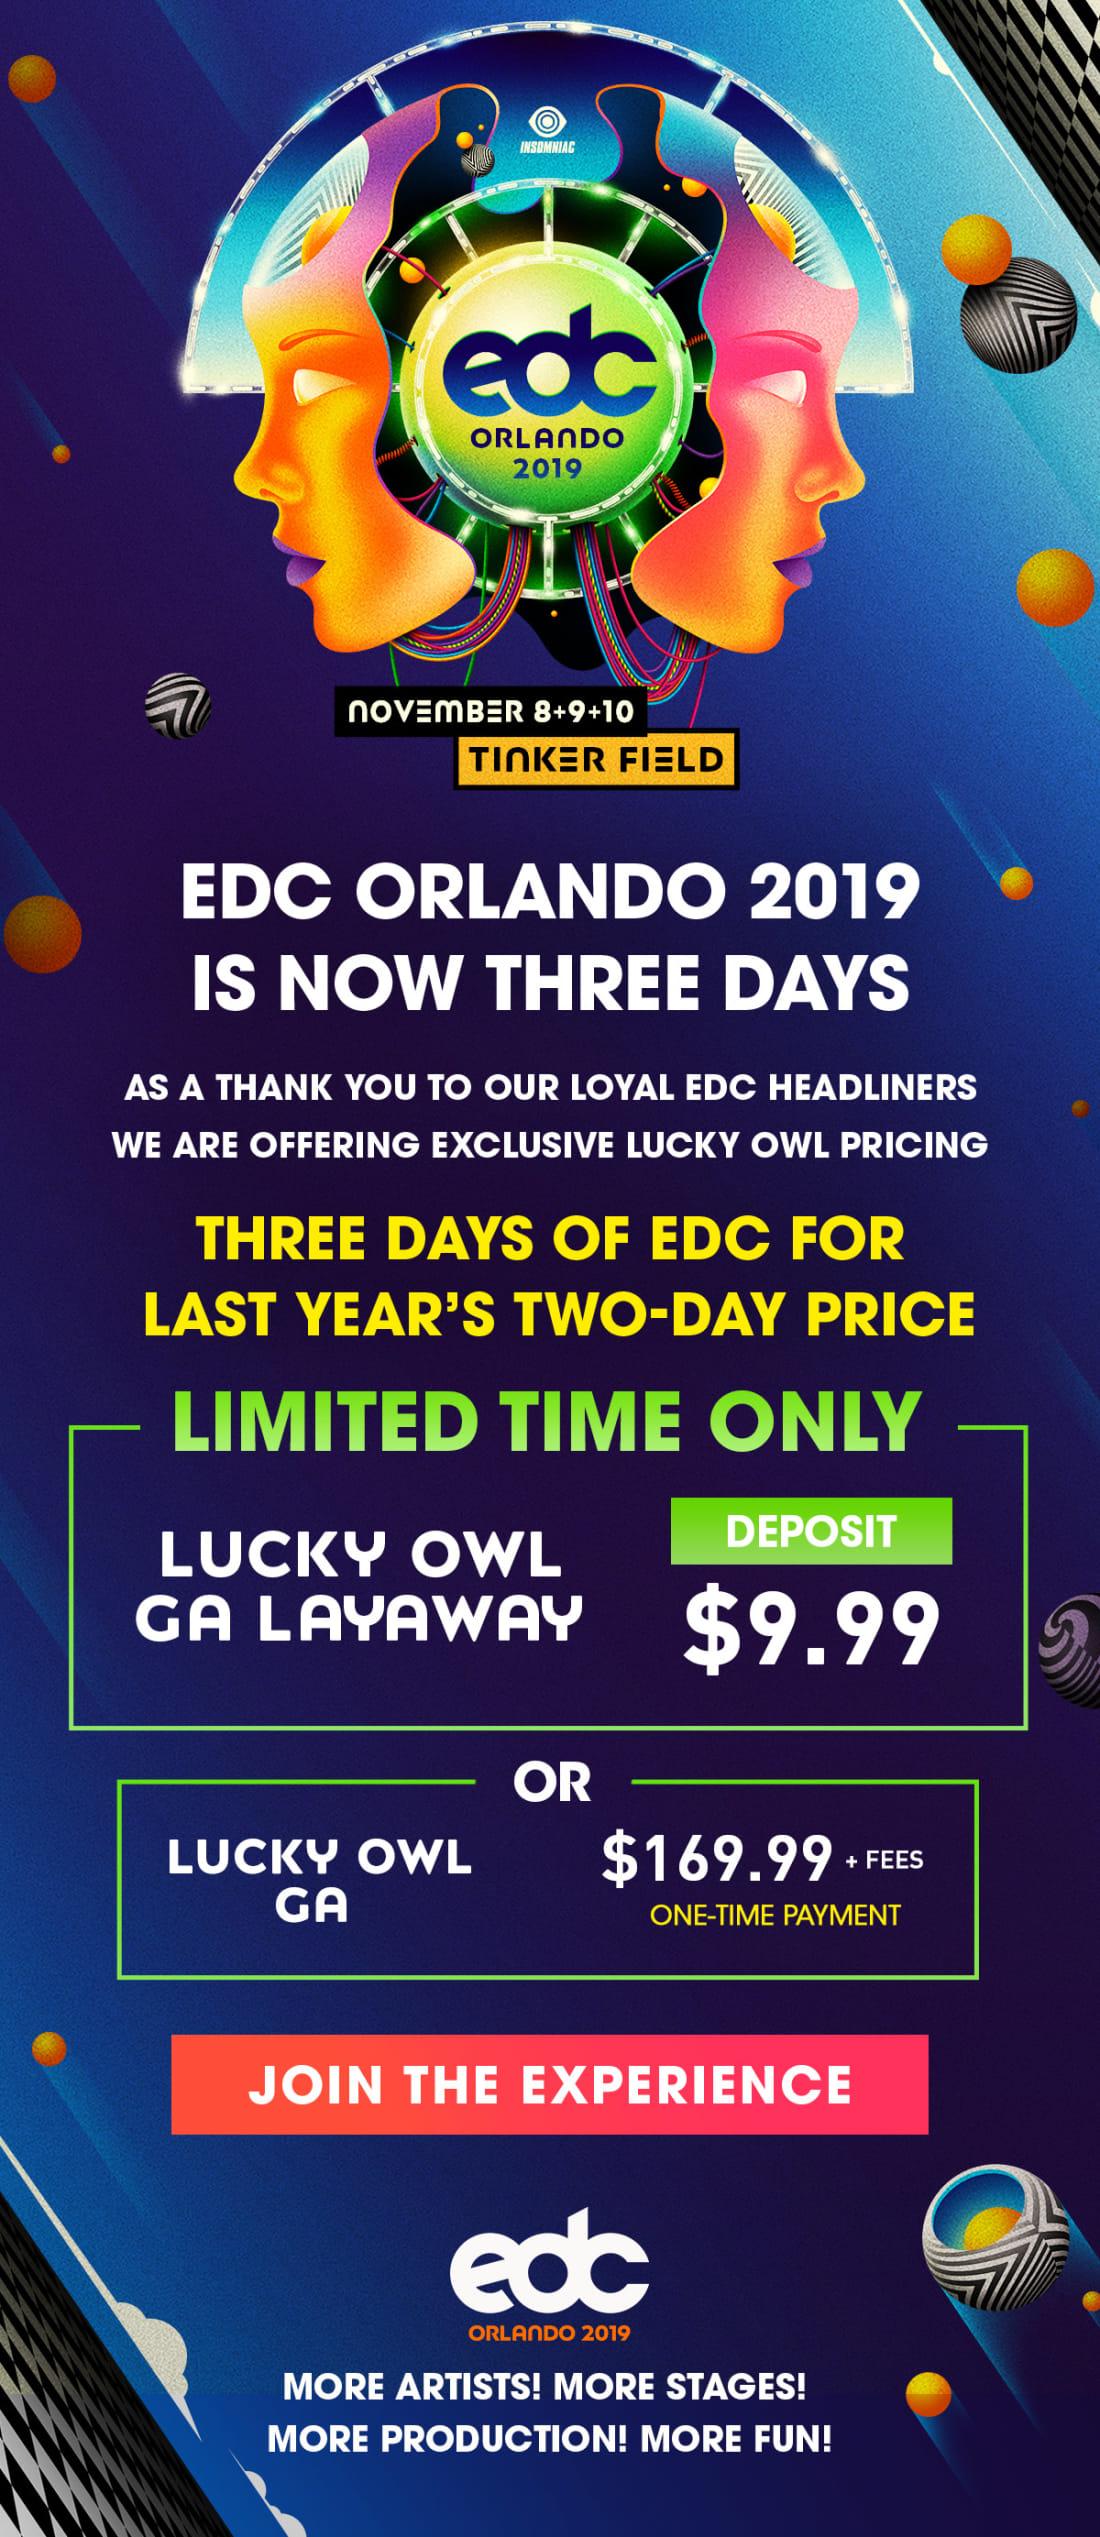 EDC Orlando 2019 Lucky Owl